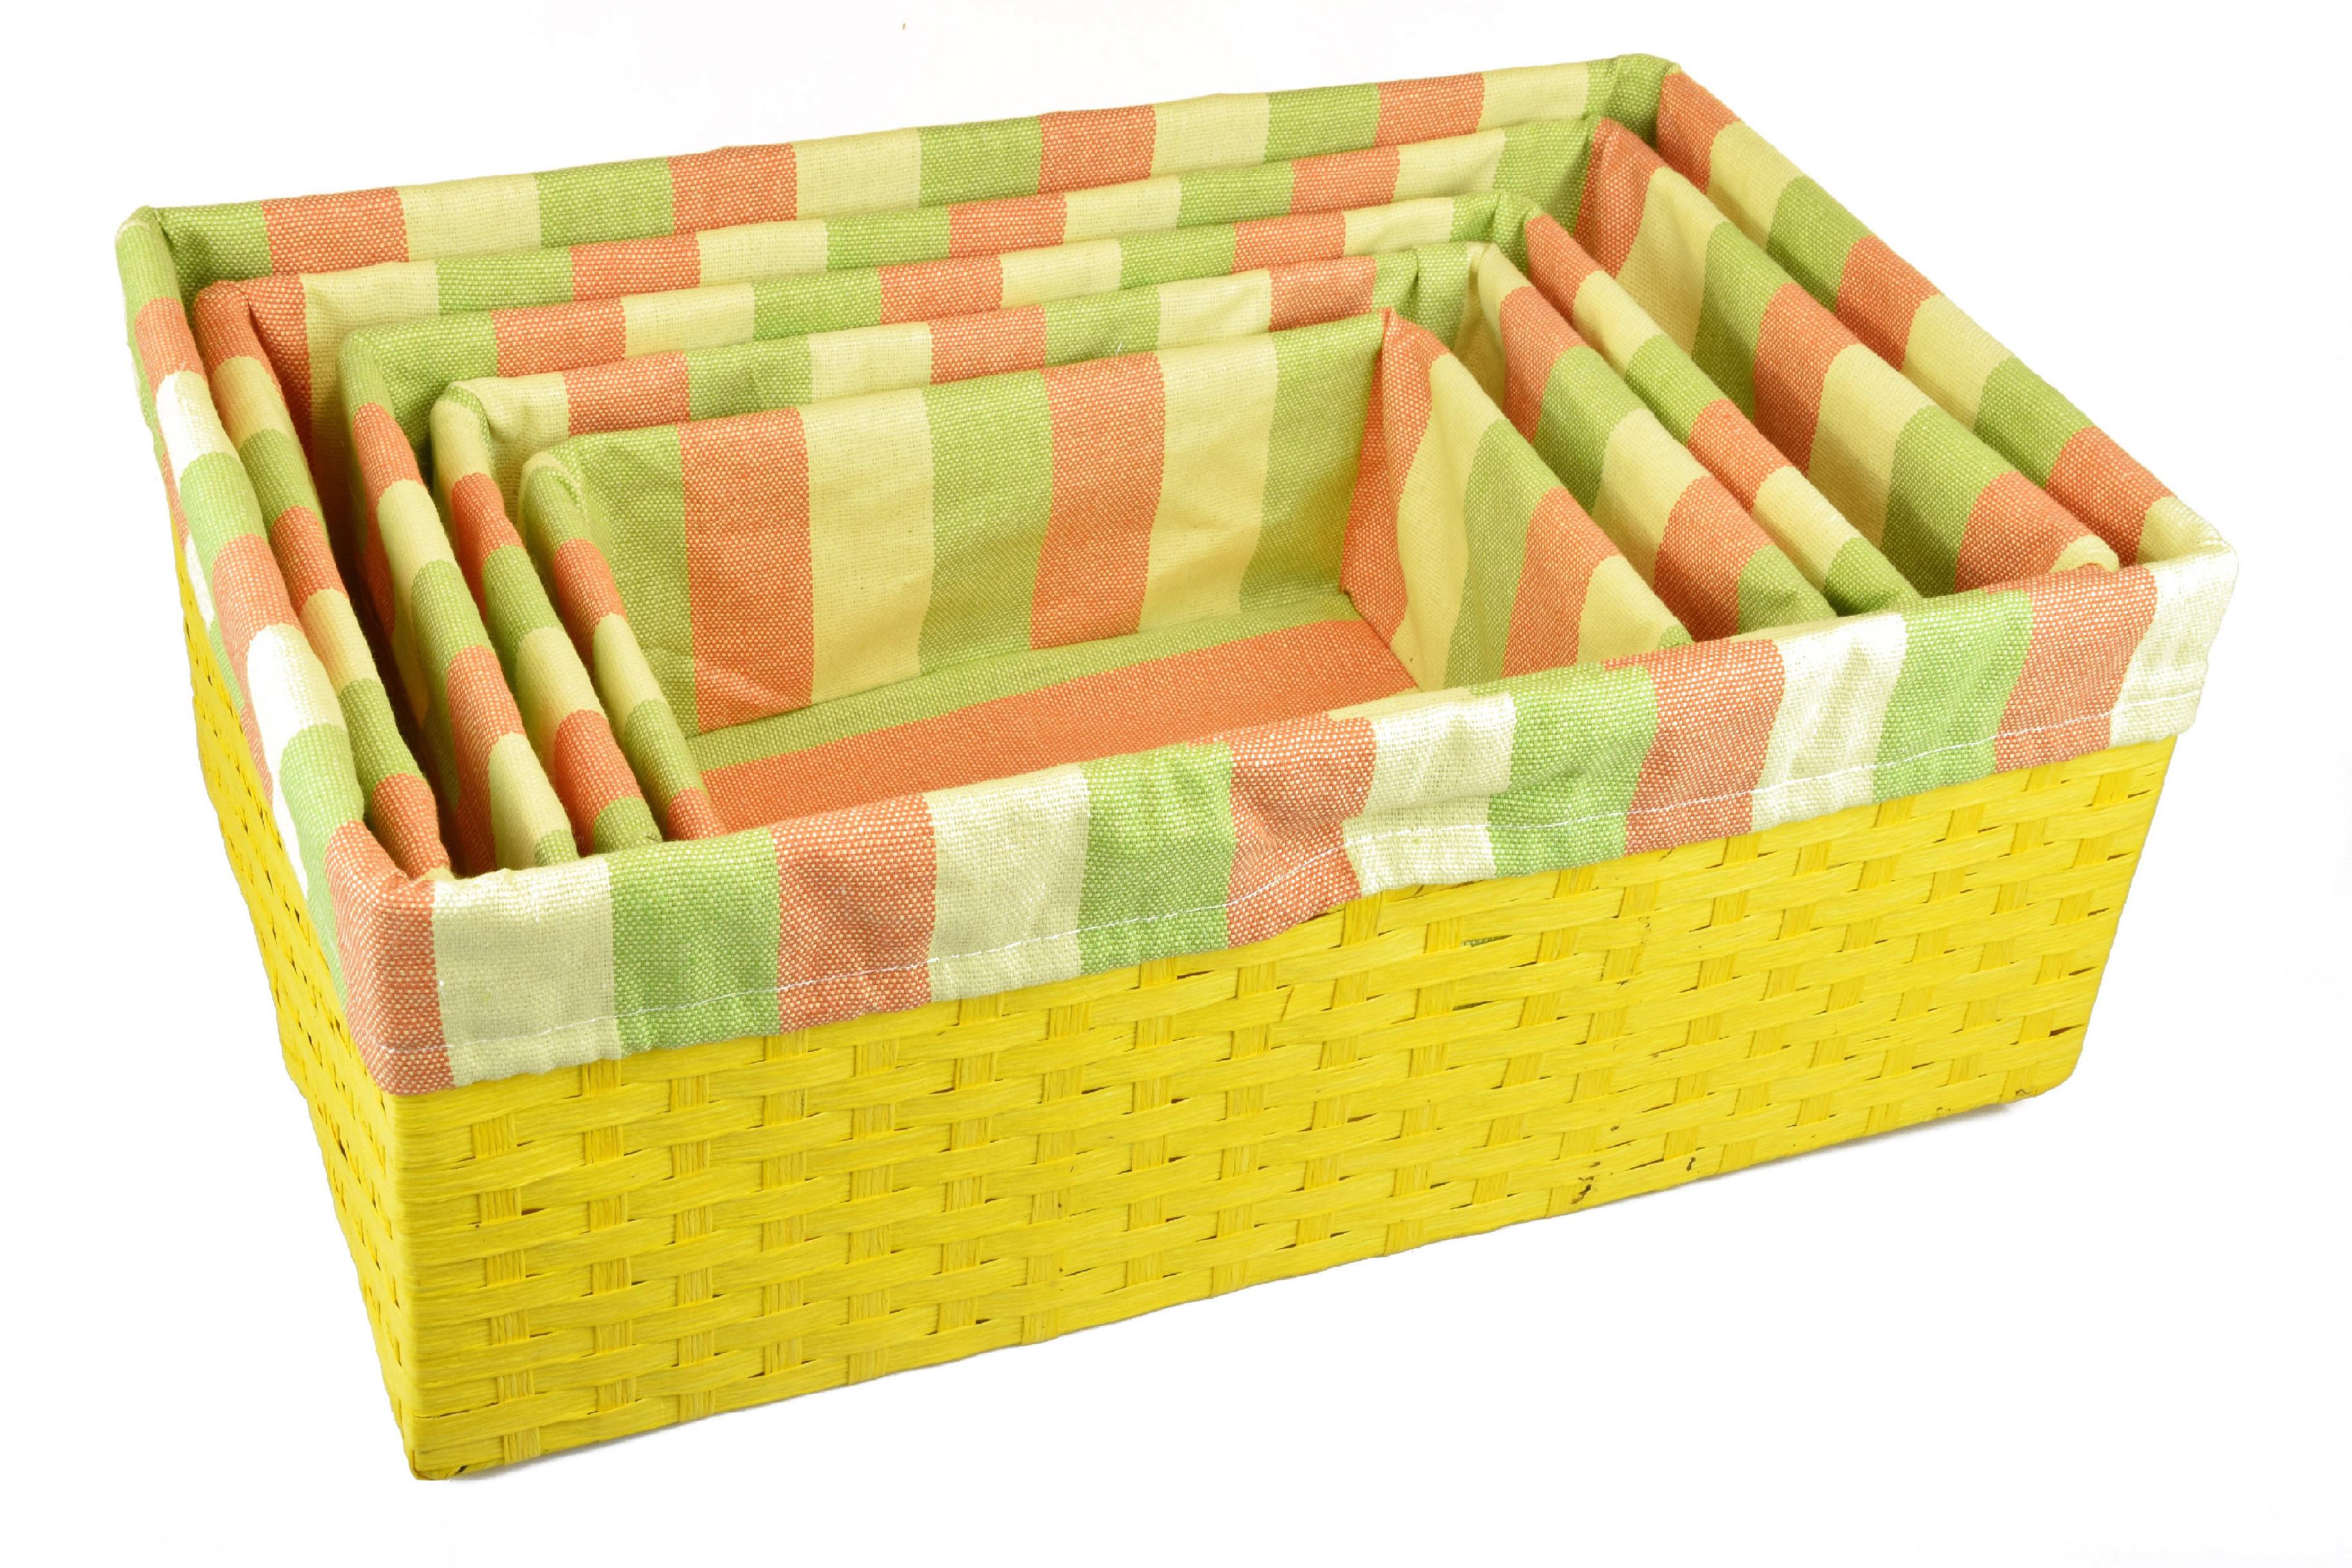 Úložný box žlutý rozměry boxu (cm): 40x27, v. 15